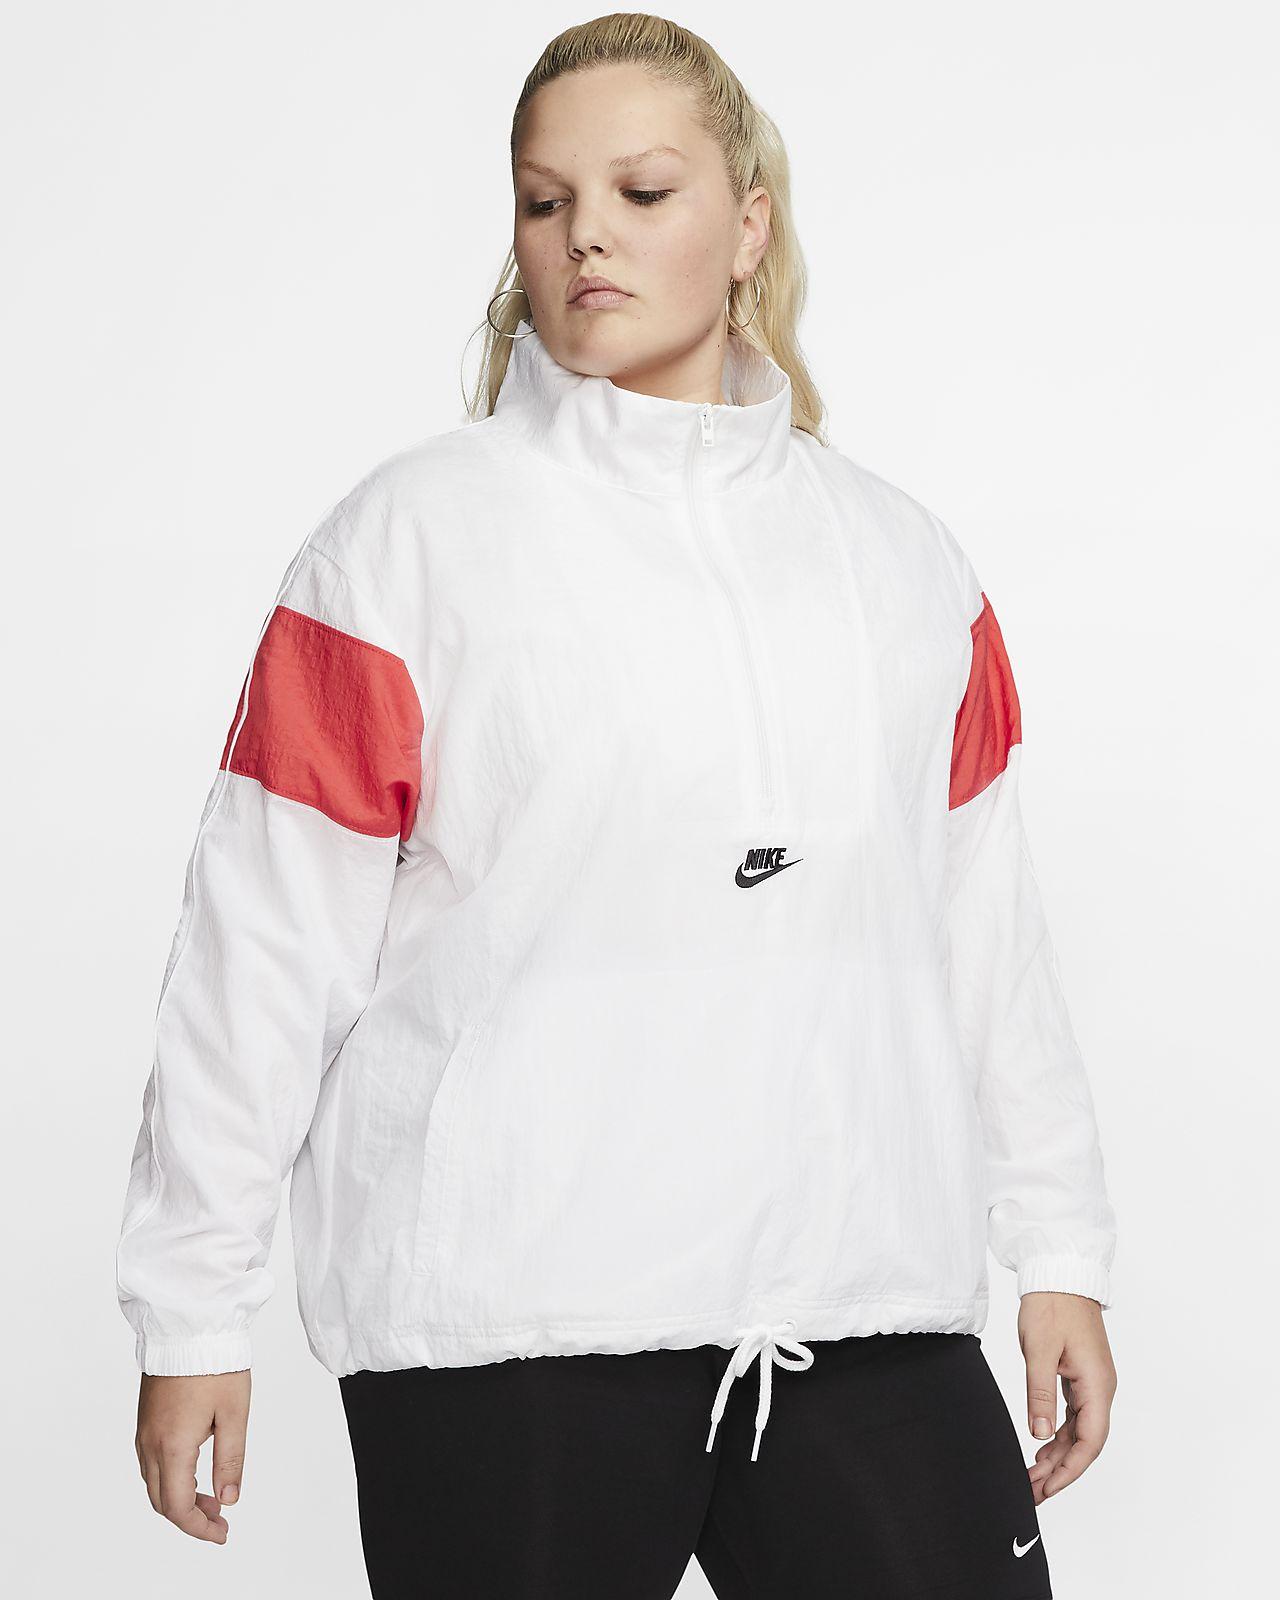 Nike Sportswear Heritage Women's Woven Jacket (Plus Size)